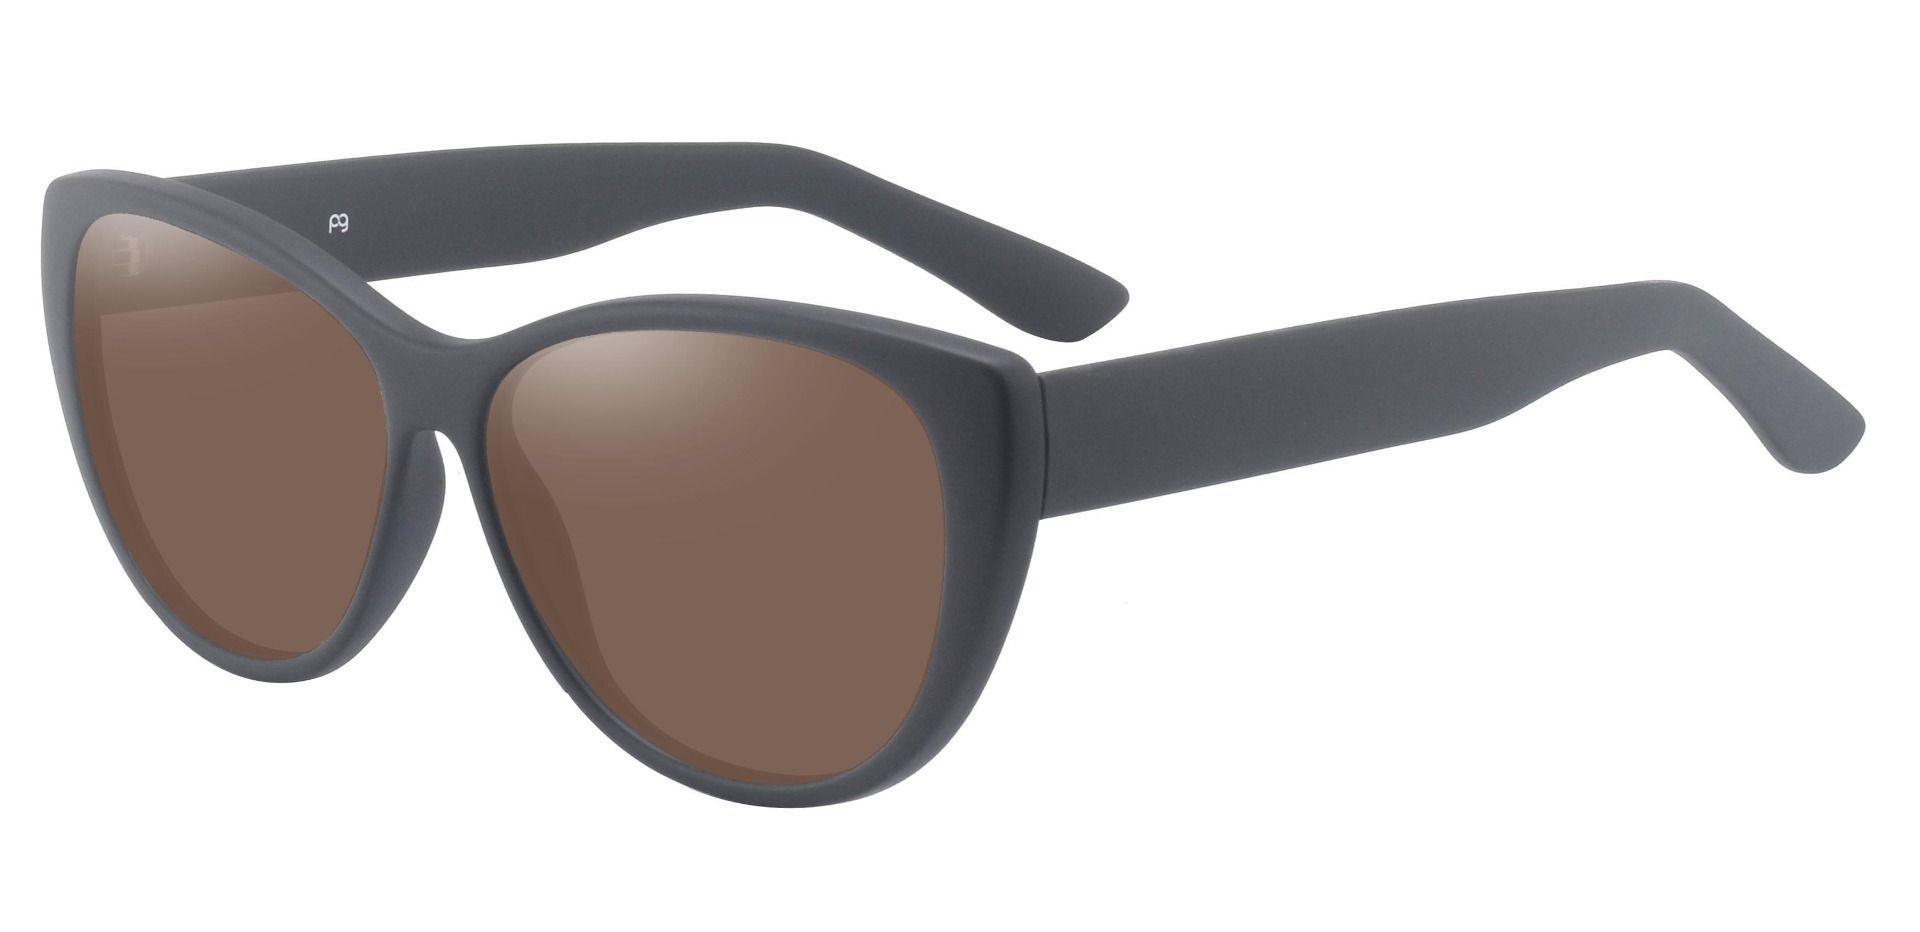 Lynn Cat-Eye Prescription Sunglasses - Black Frame With Brown Lenses